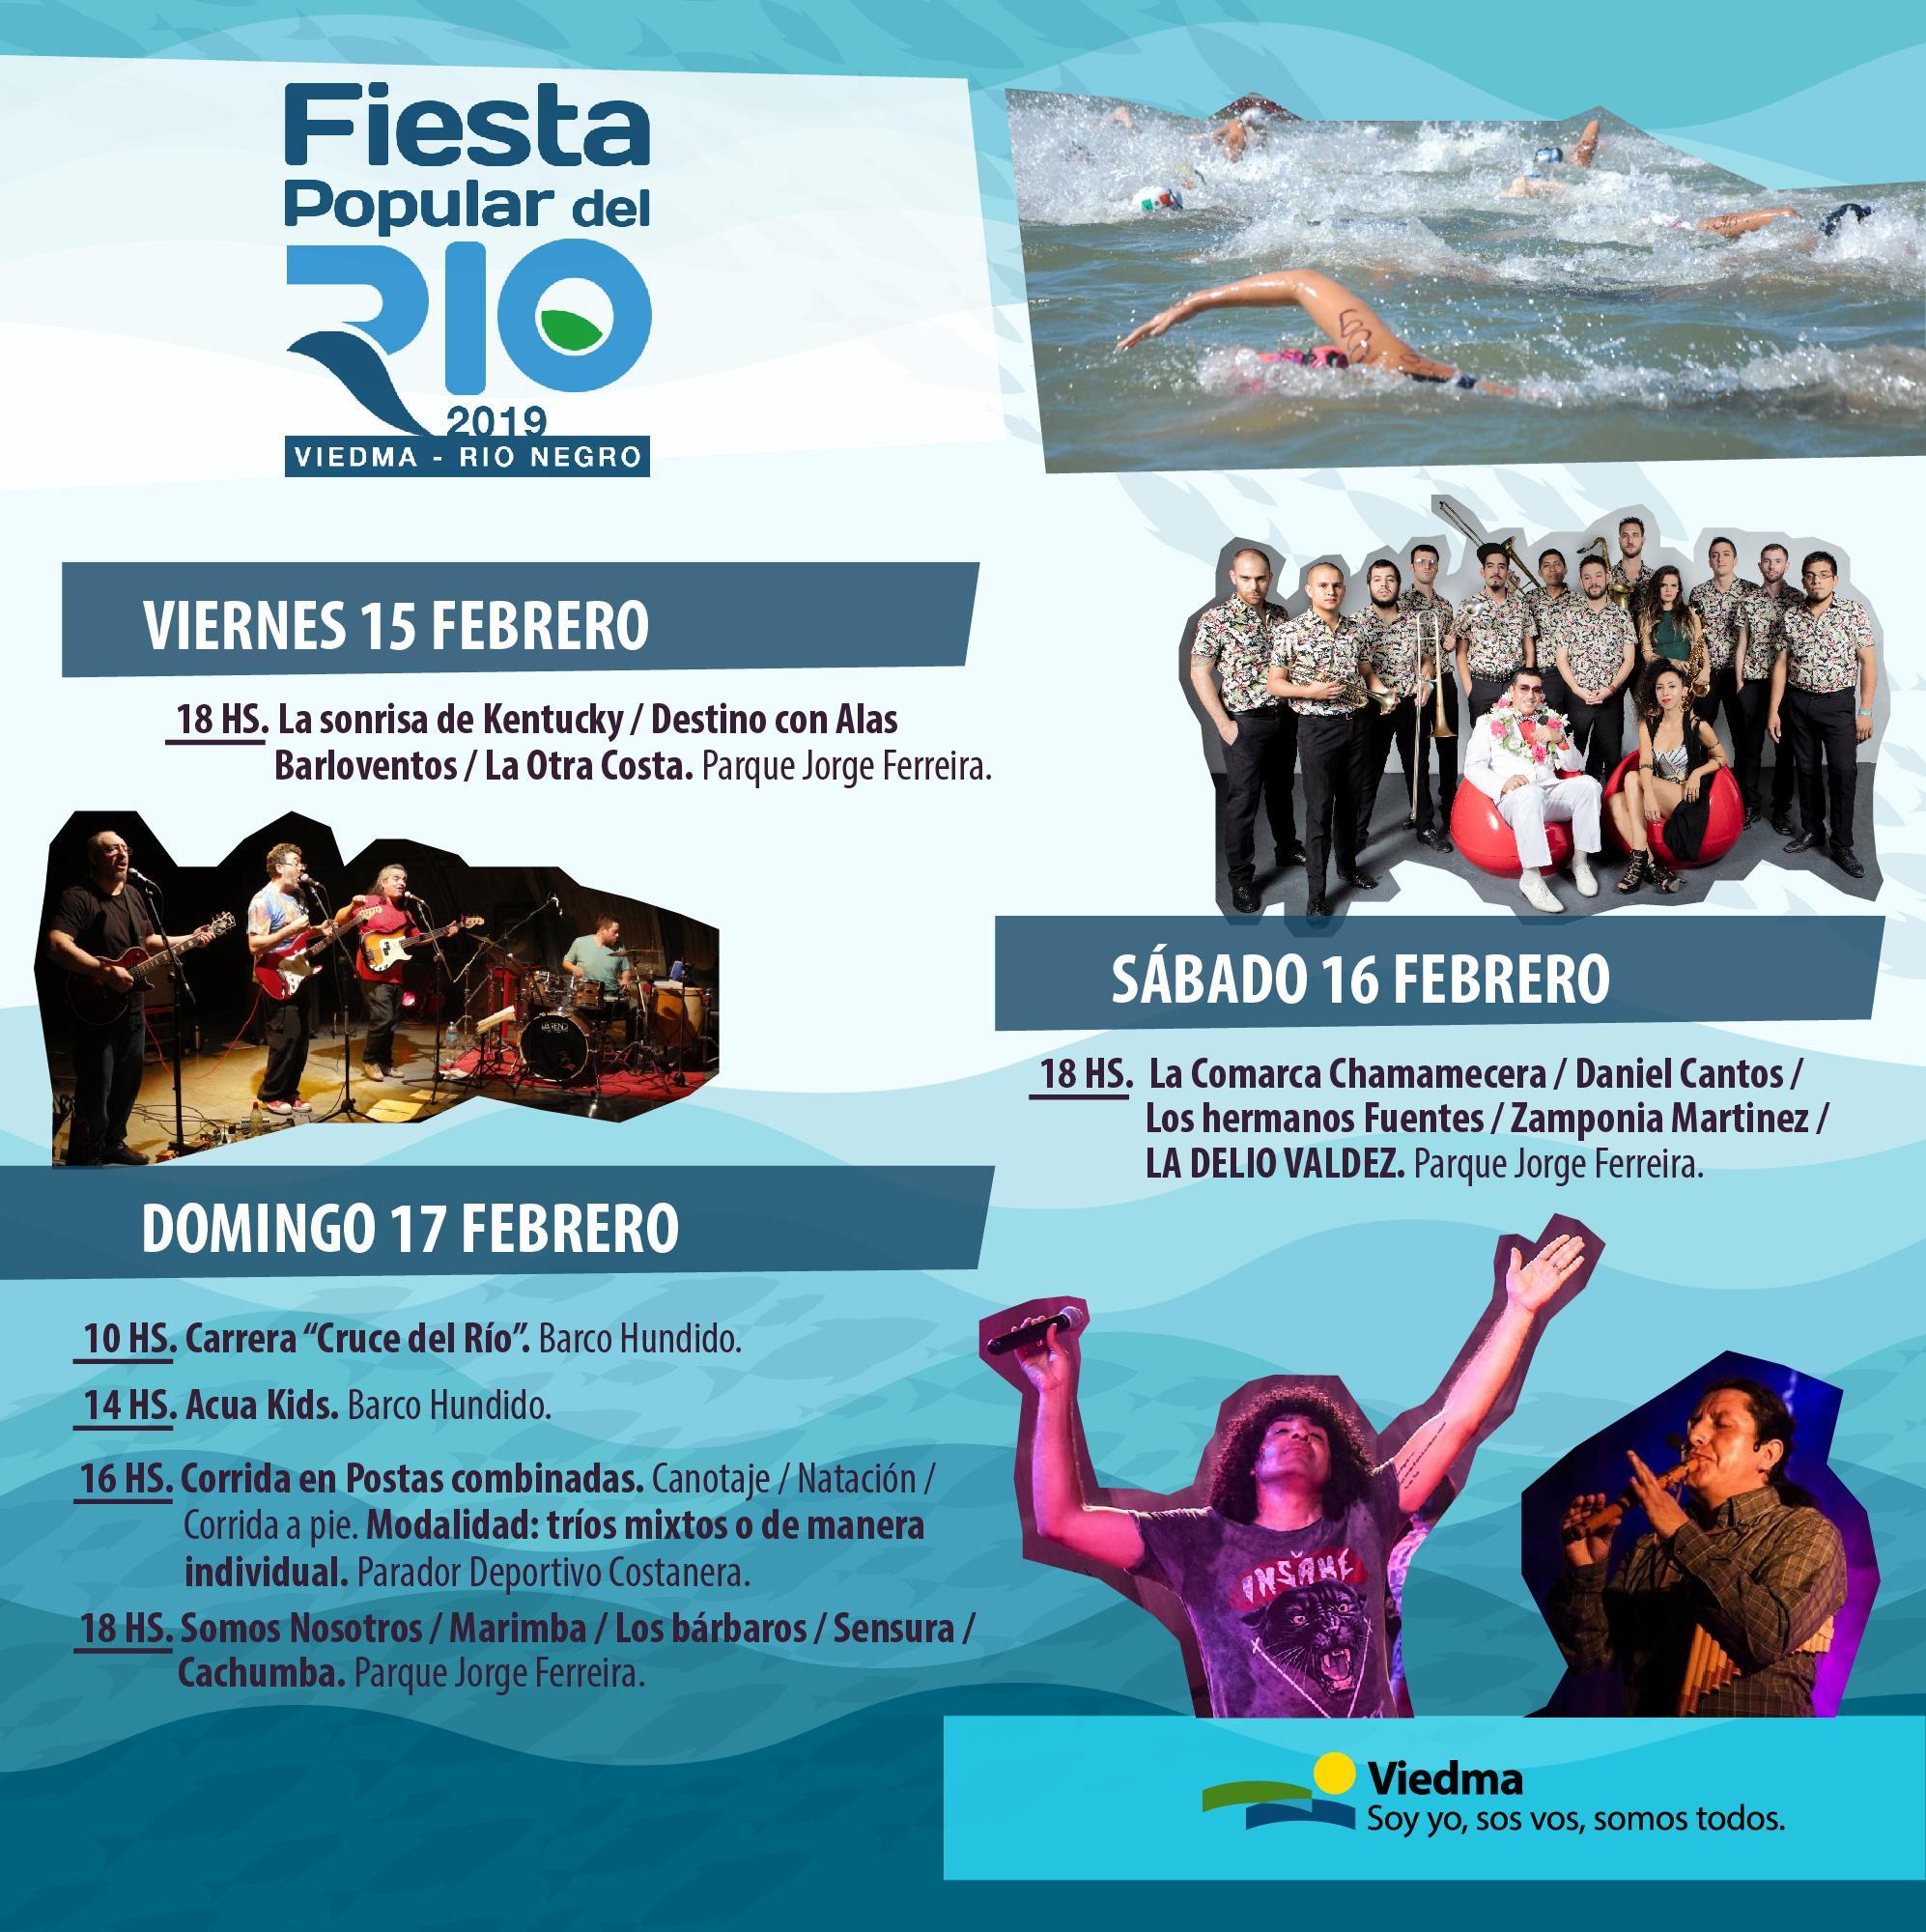 399ddd37d El espectáculo central de la fiesta será la banda de música colombiana La  Delio Valdez